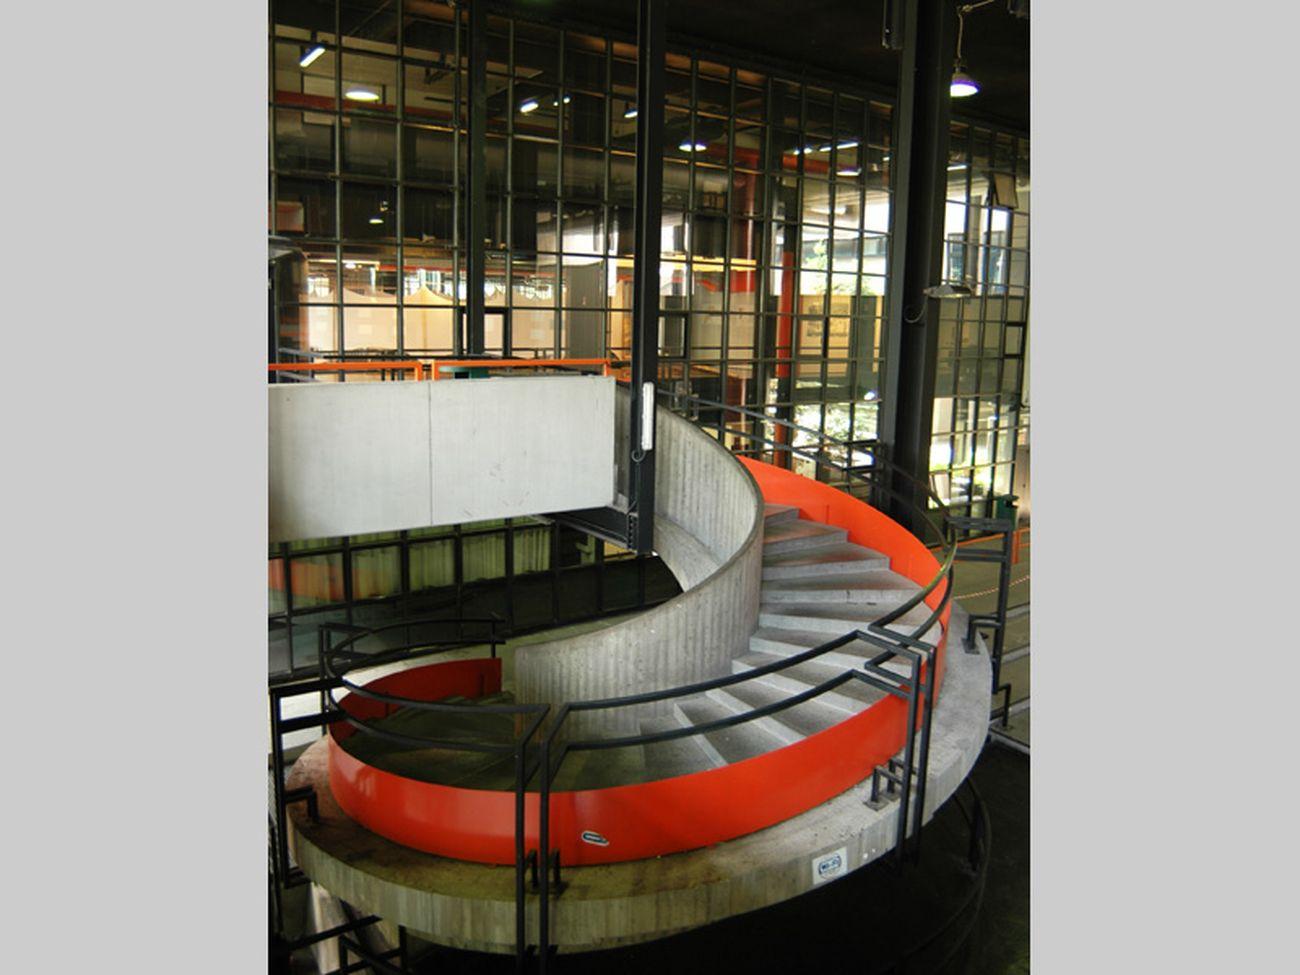 Vittoriano Viganò, Ampliamento Sede del Politecnico di Milano, 1970 1983. Foto di Federico Balestrini Credits Fondazione dell'Ordine degli Architetti di Milano